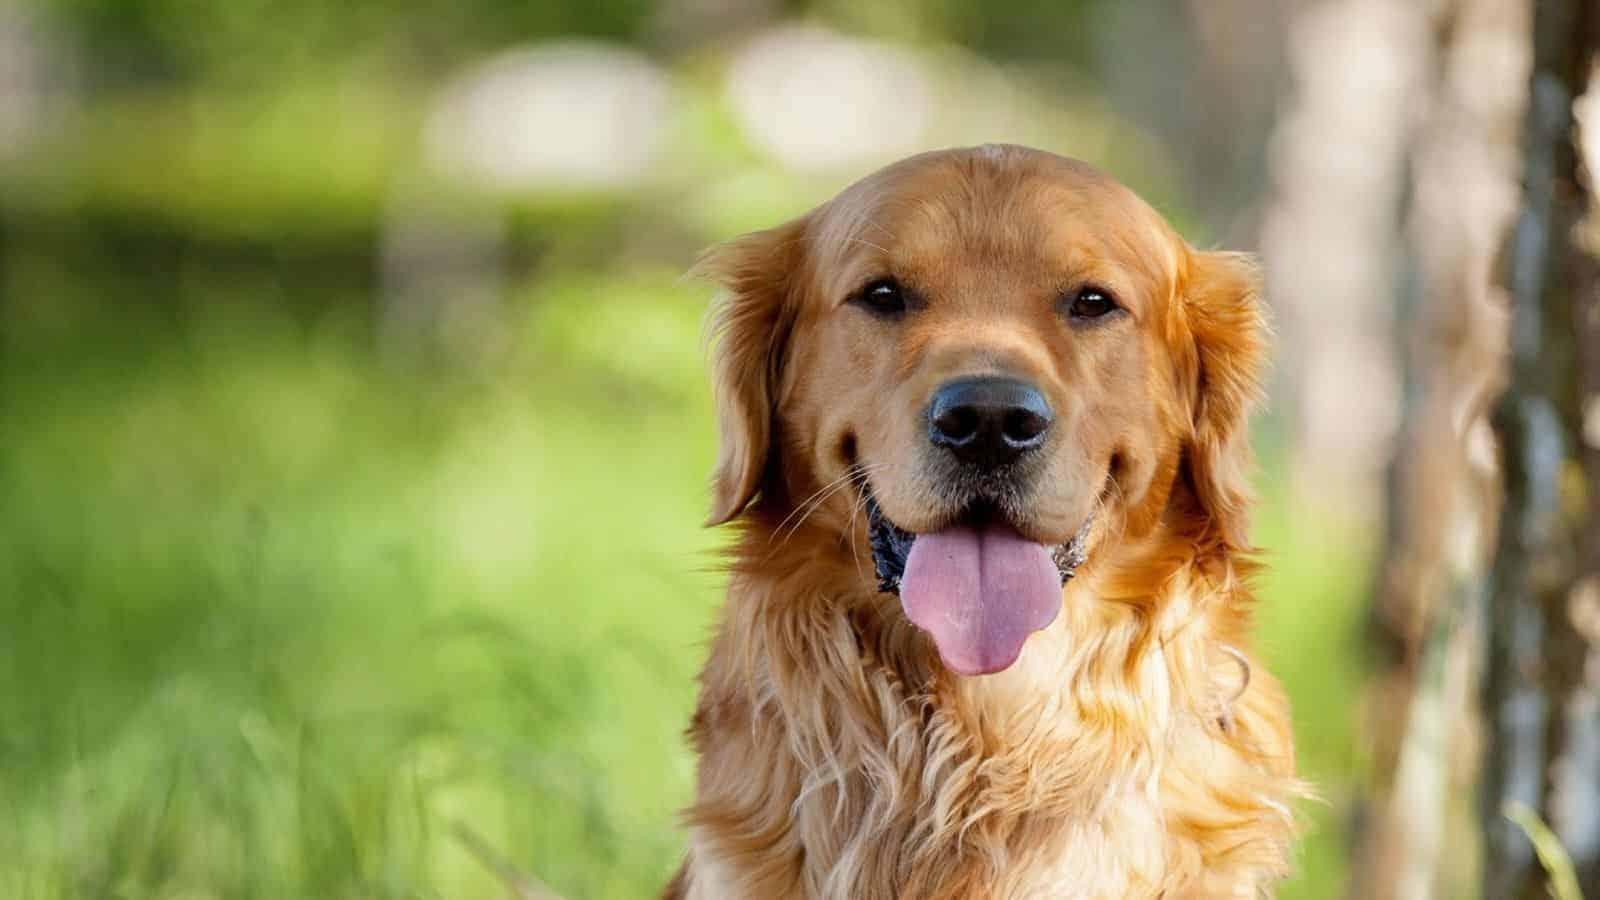 Выставка собак «Евразия 2019» в Крокус Экспо